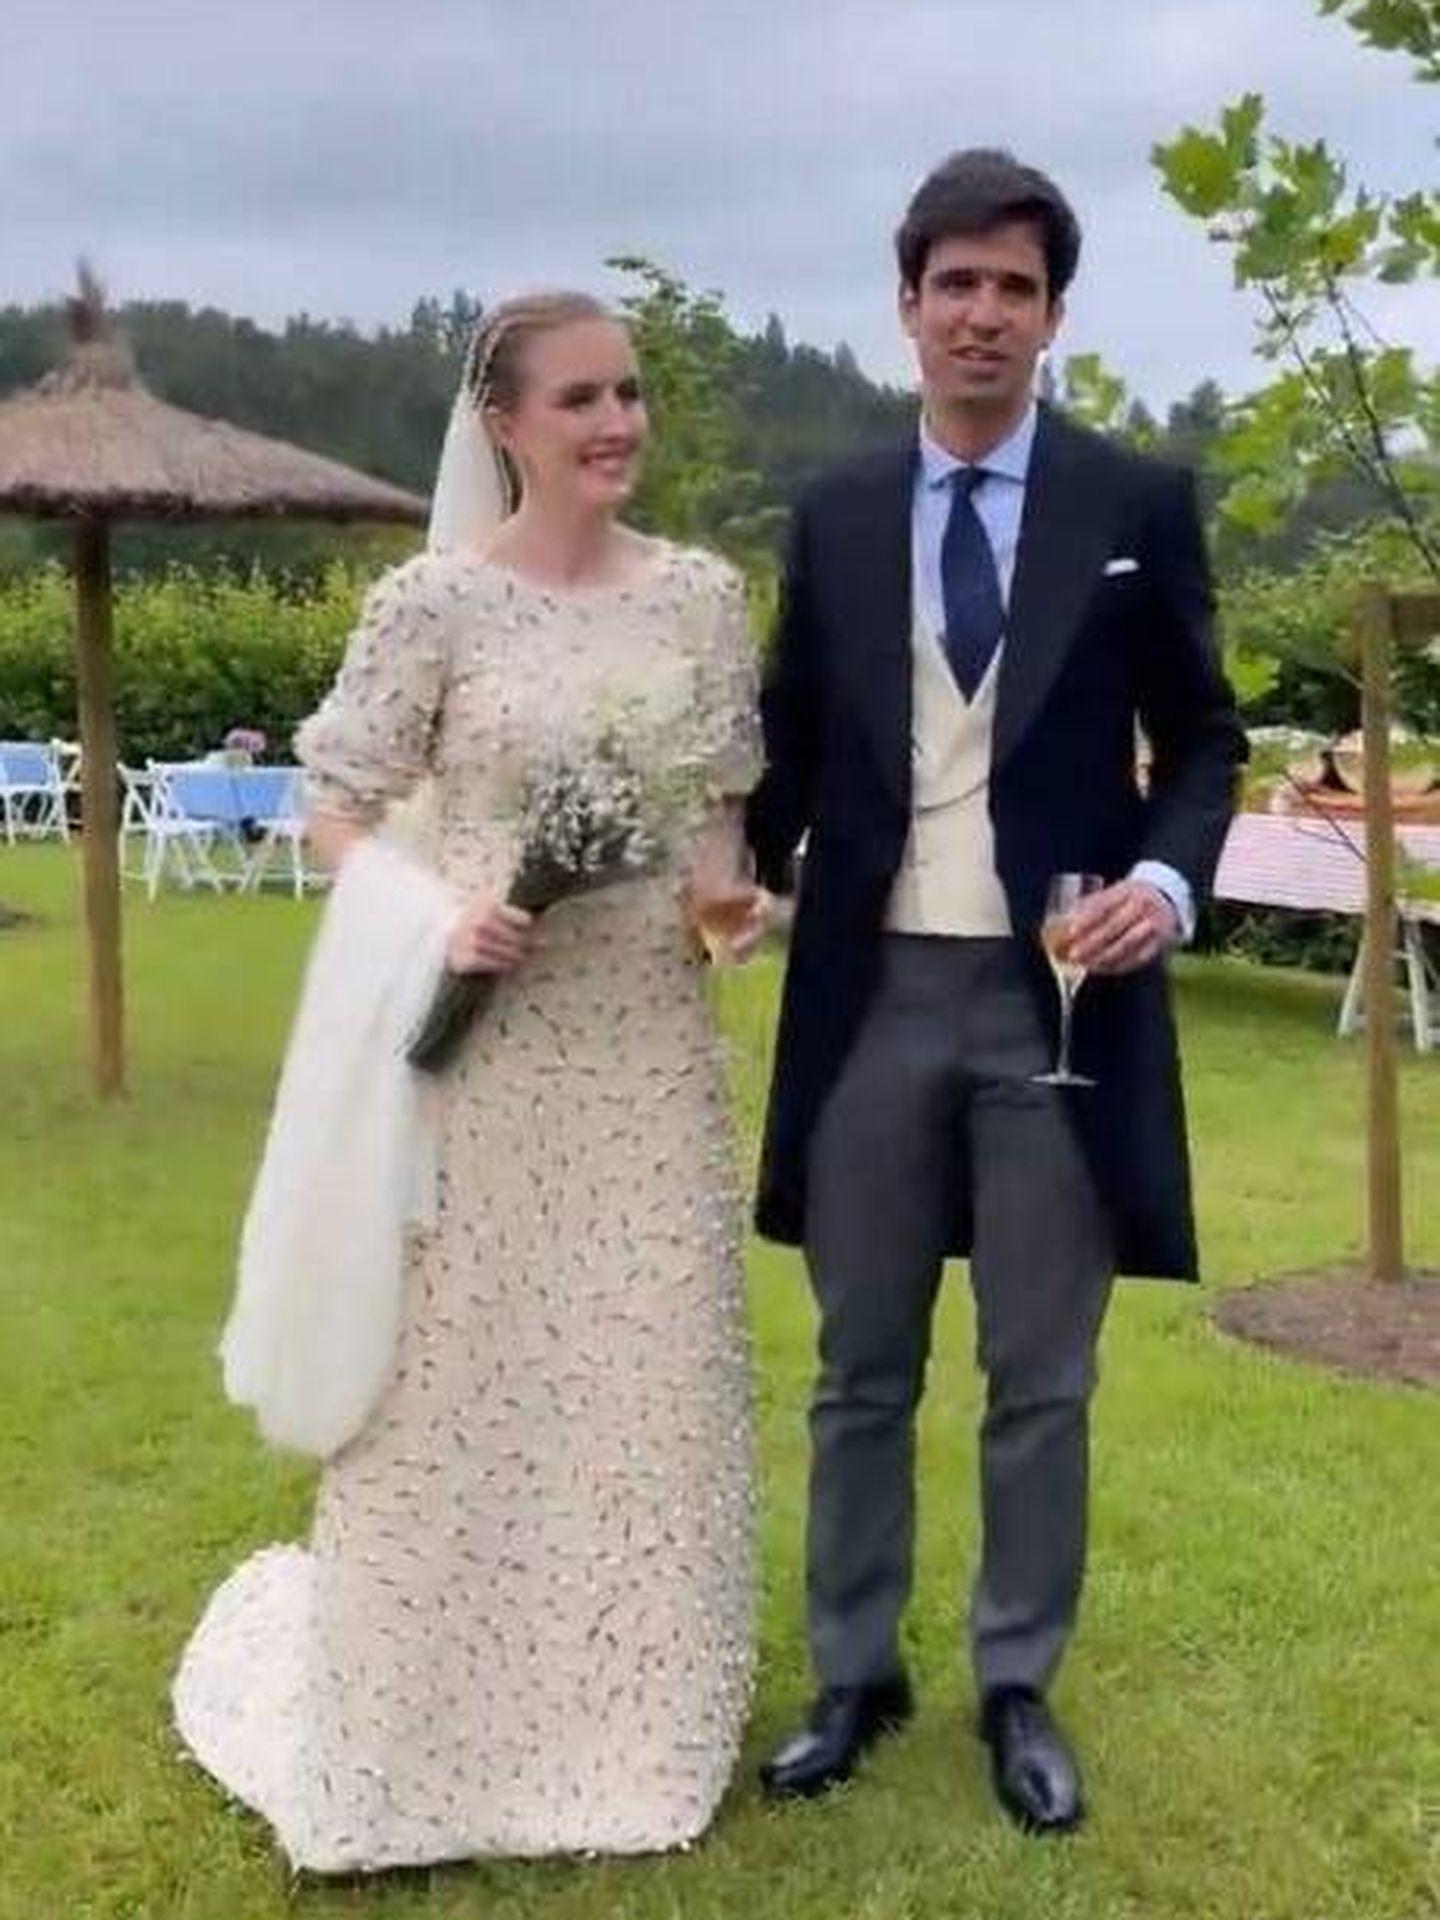 Inés Pérez-Pla y Álvaro Pablos convertidos en marido y mujer. (Redes sociales)